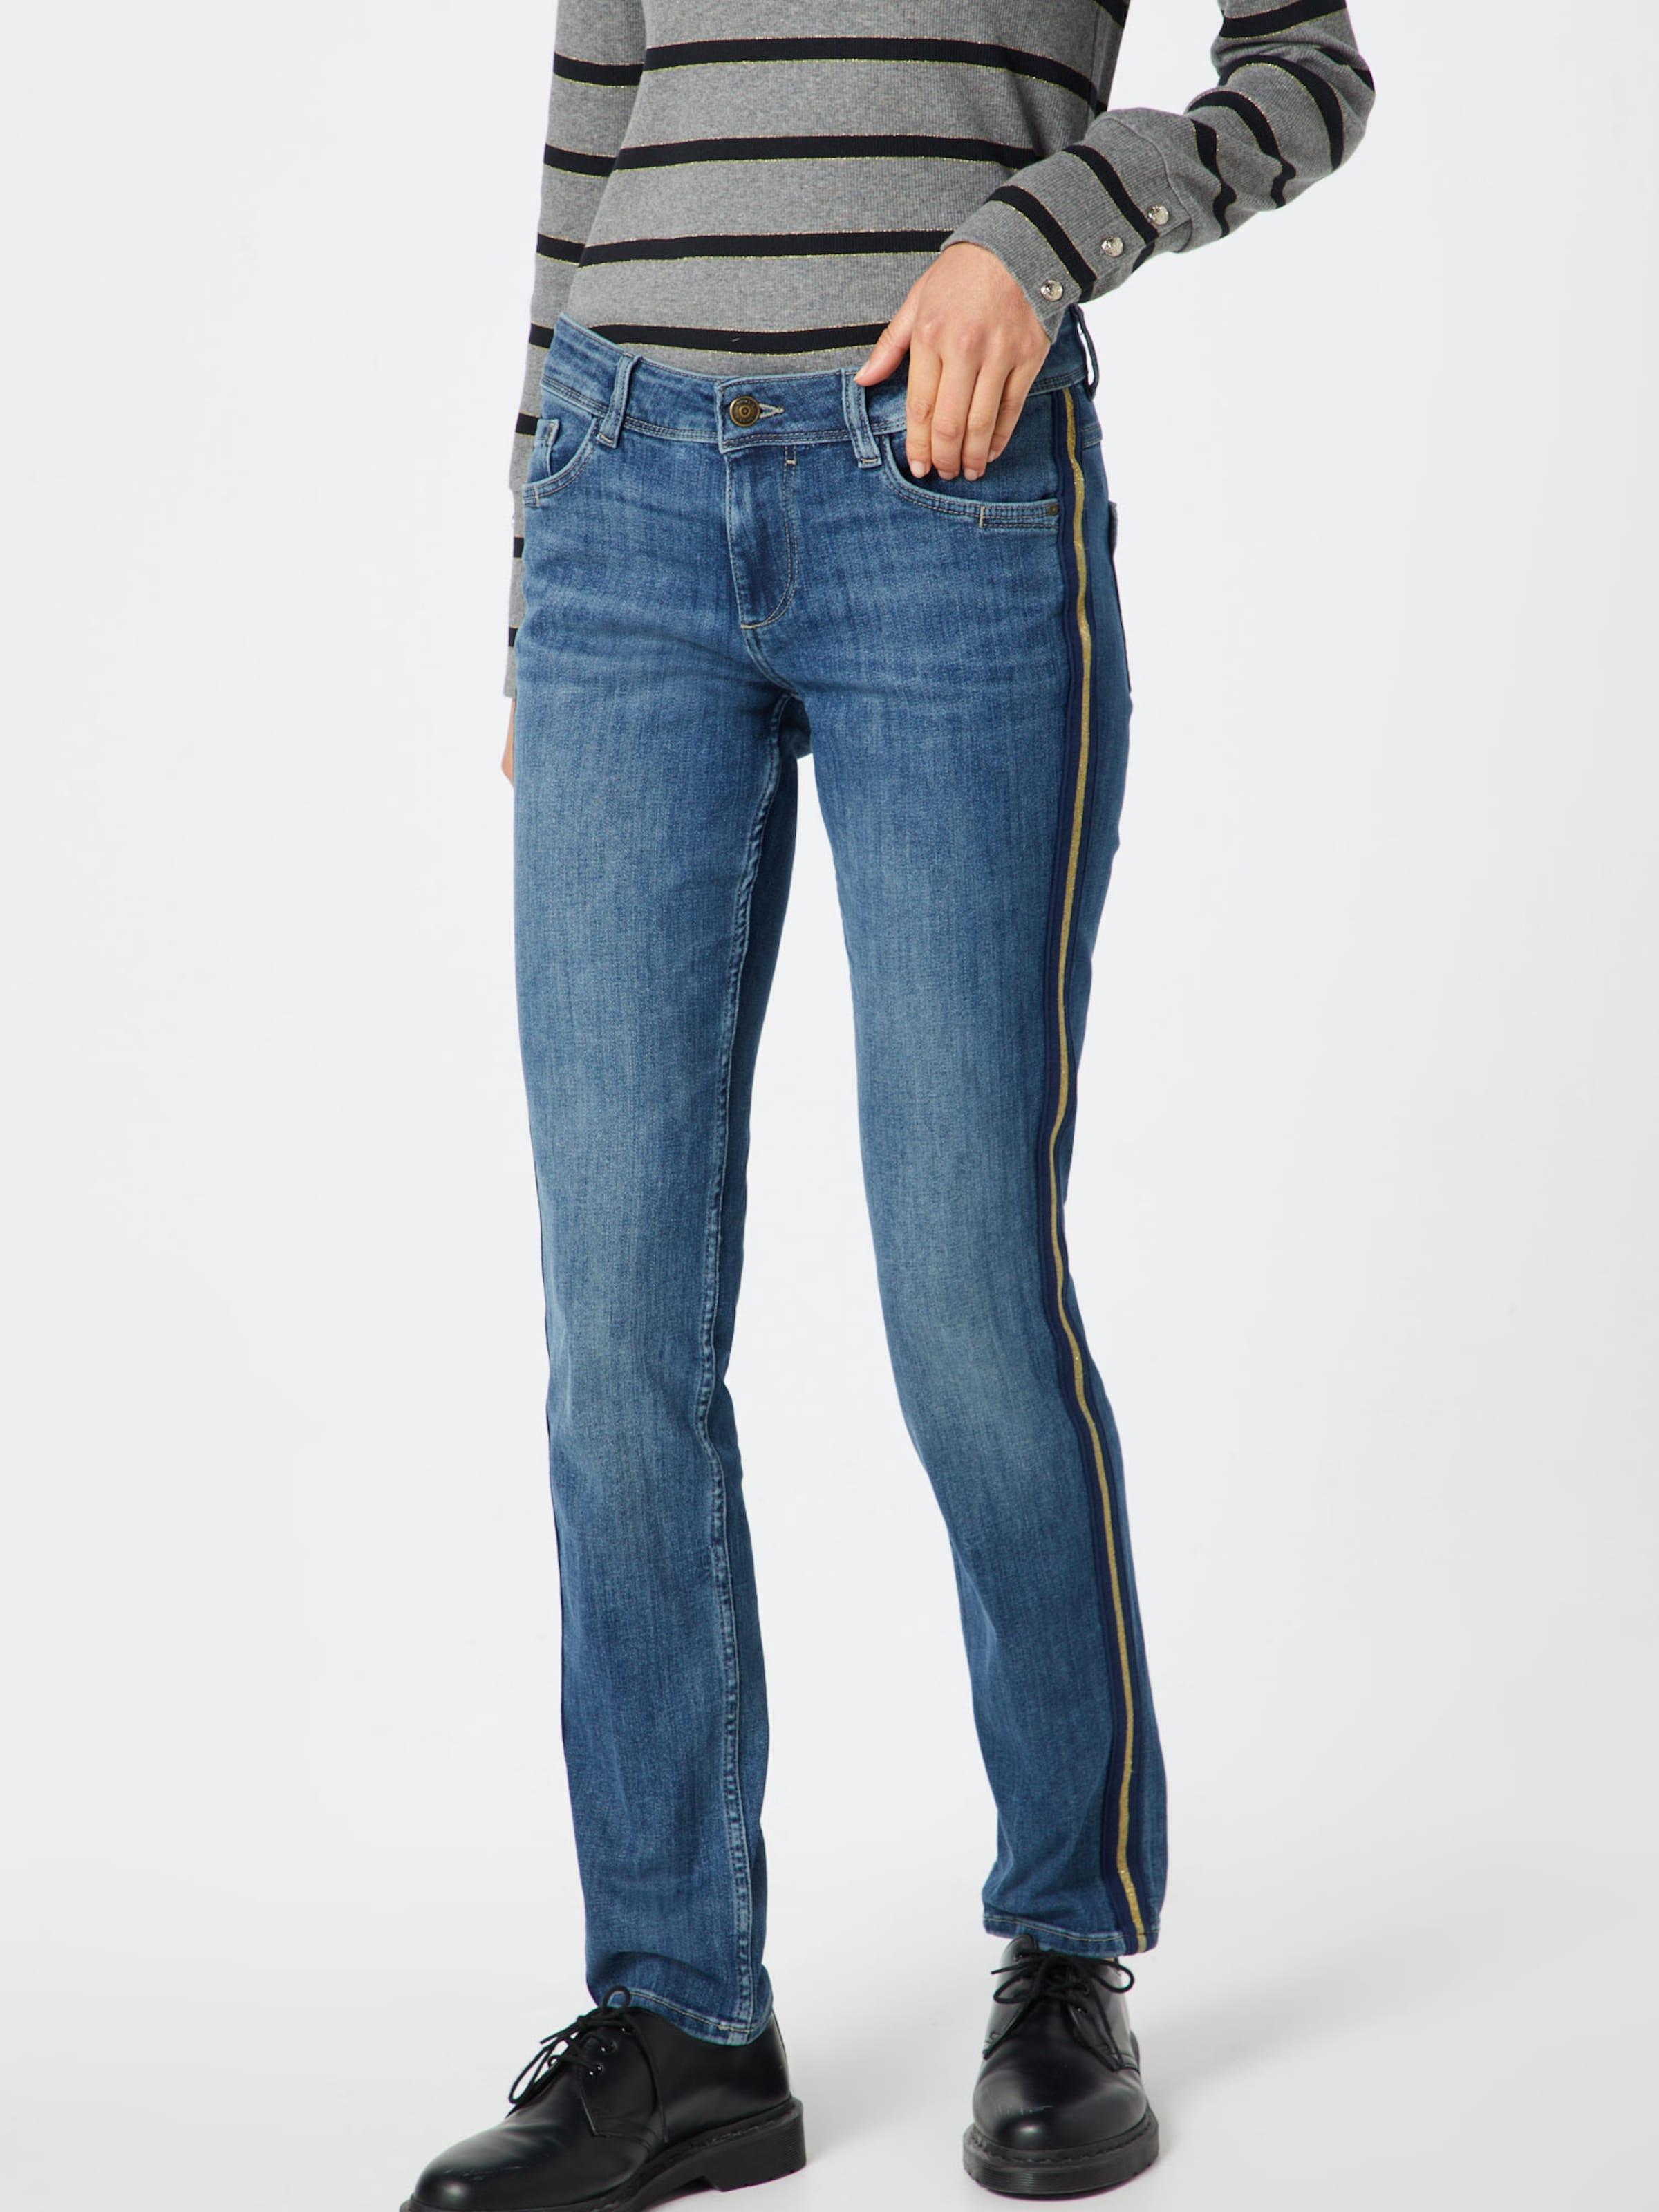 S Red Label Jeans In oliver Blue Denim Qtrdhs